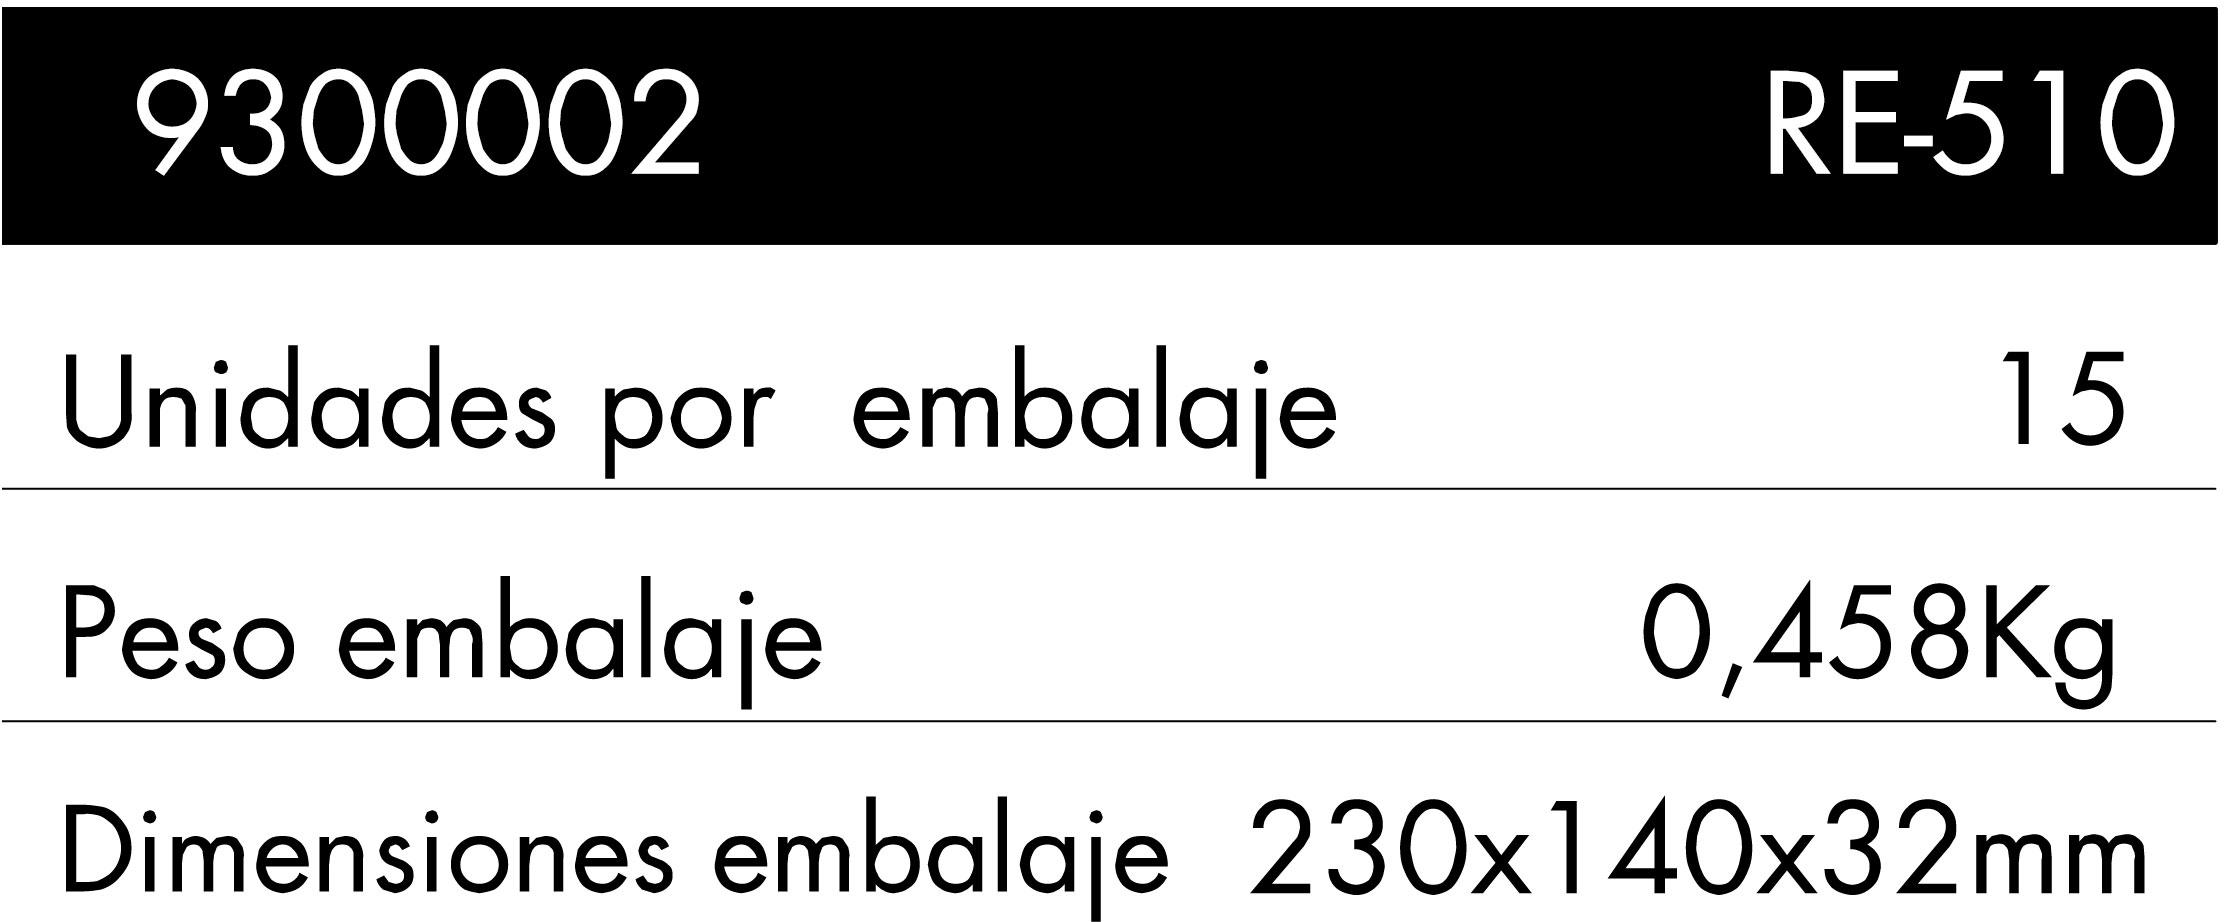 9300002-tablaES.jpg